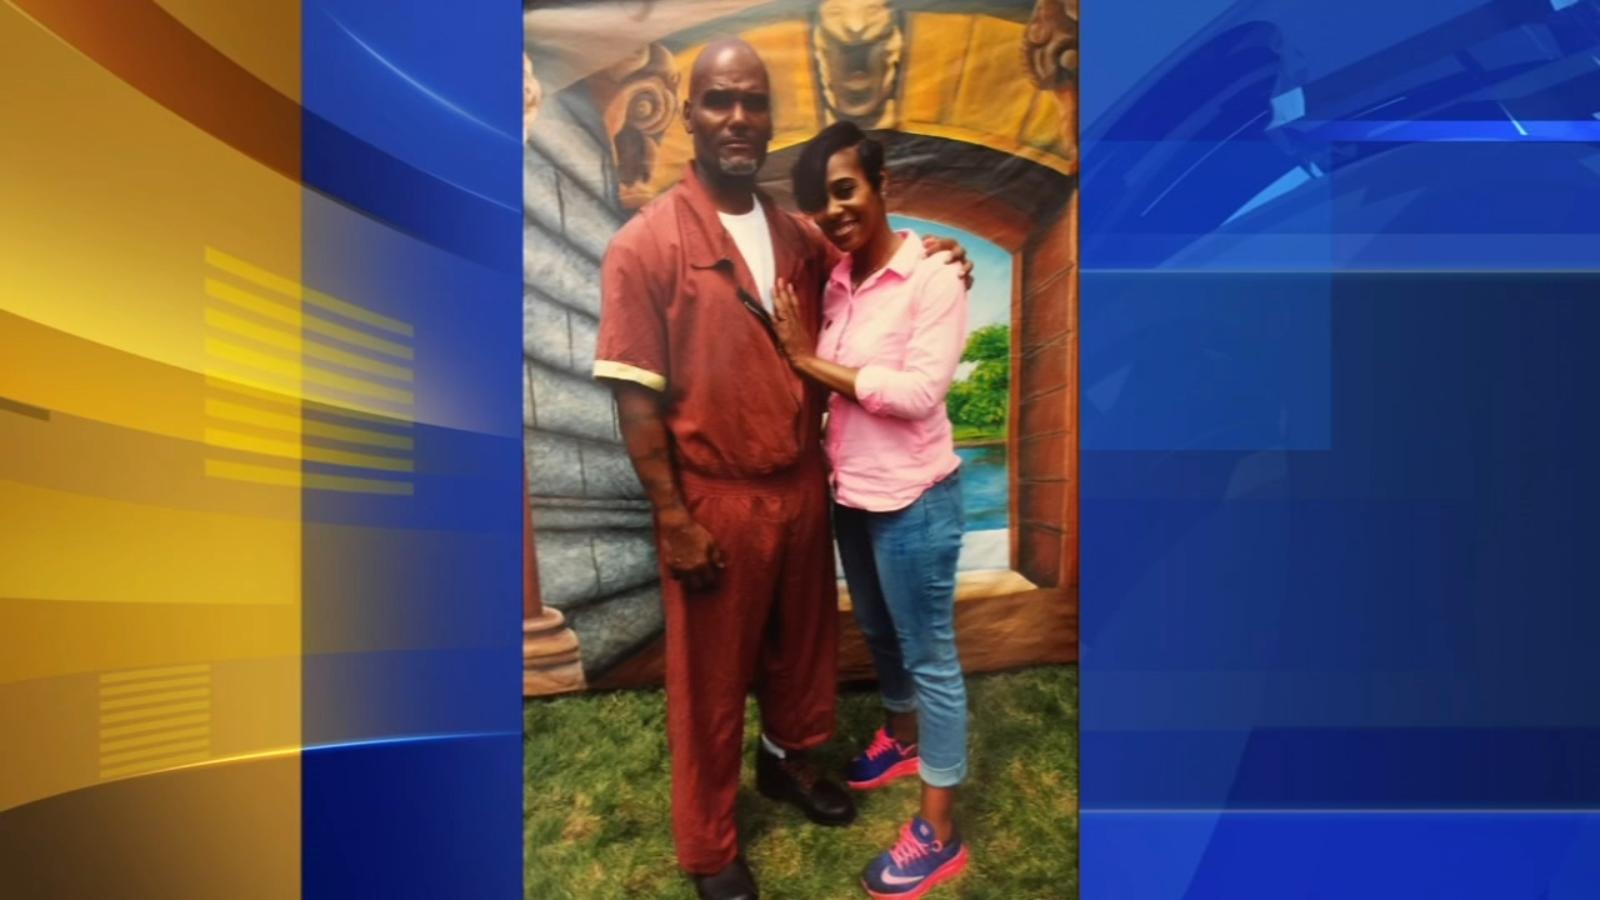 Murder conviction vacated, Willie Veasy will walk free